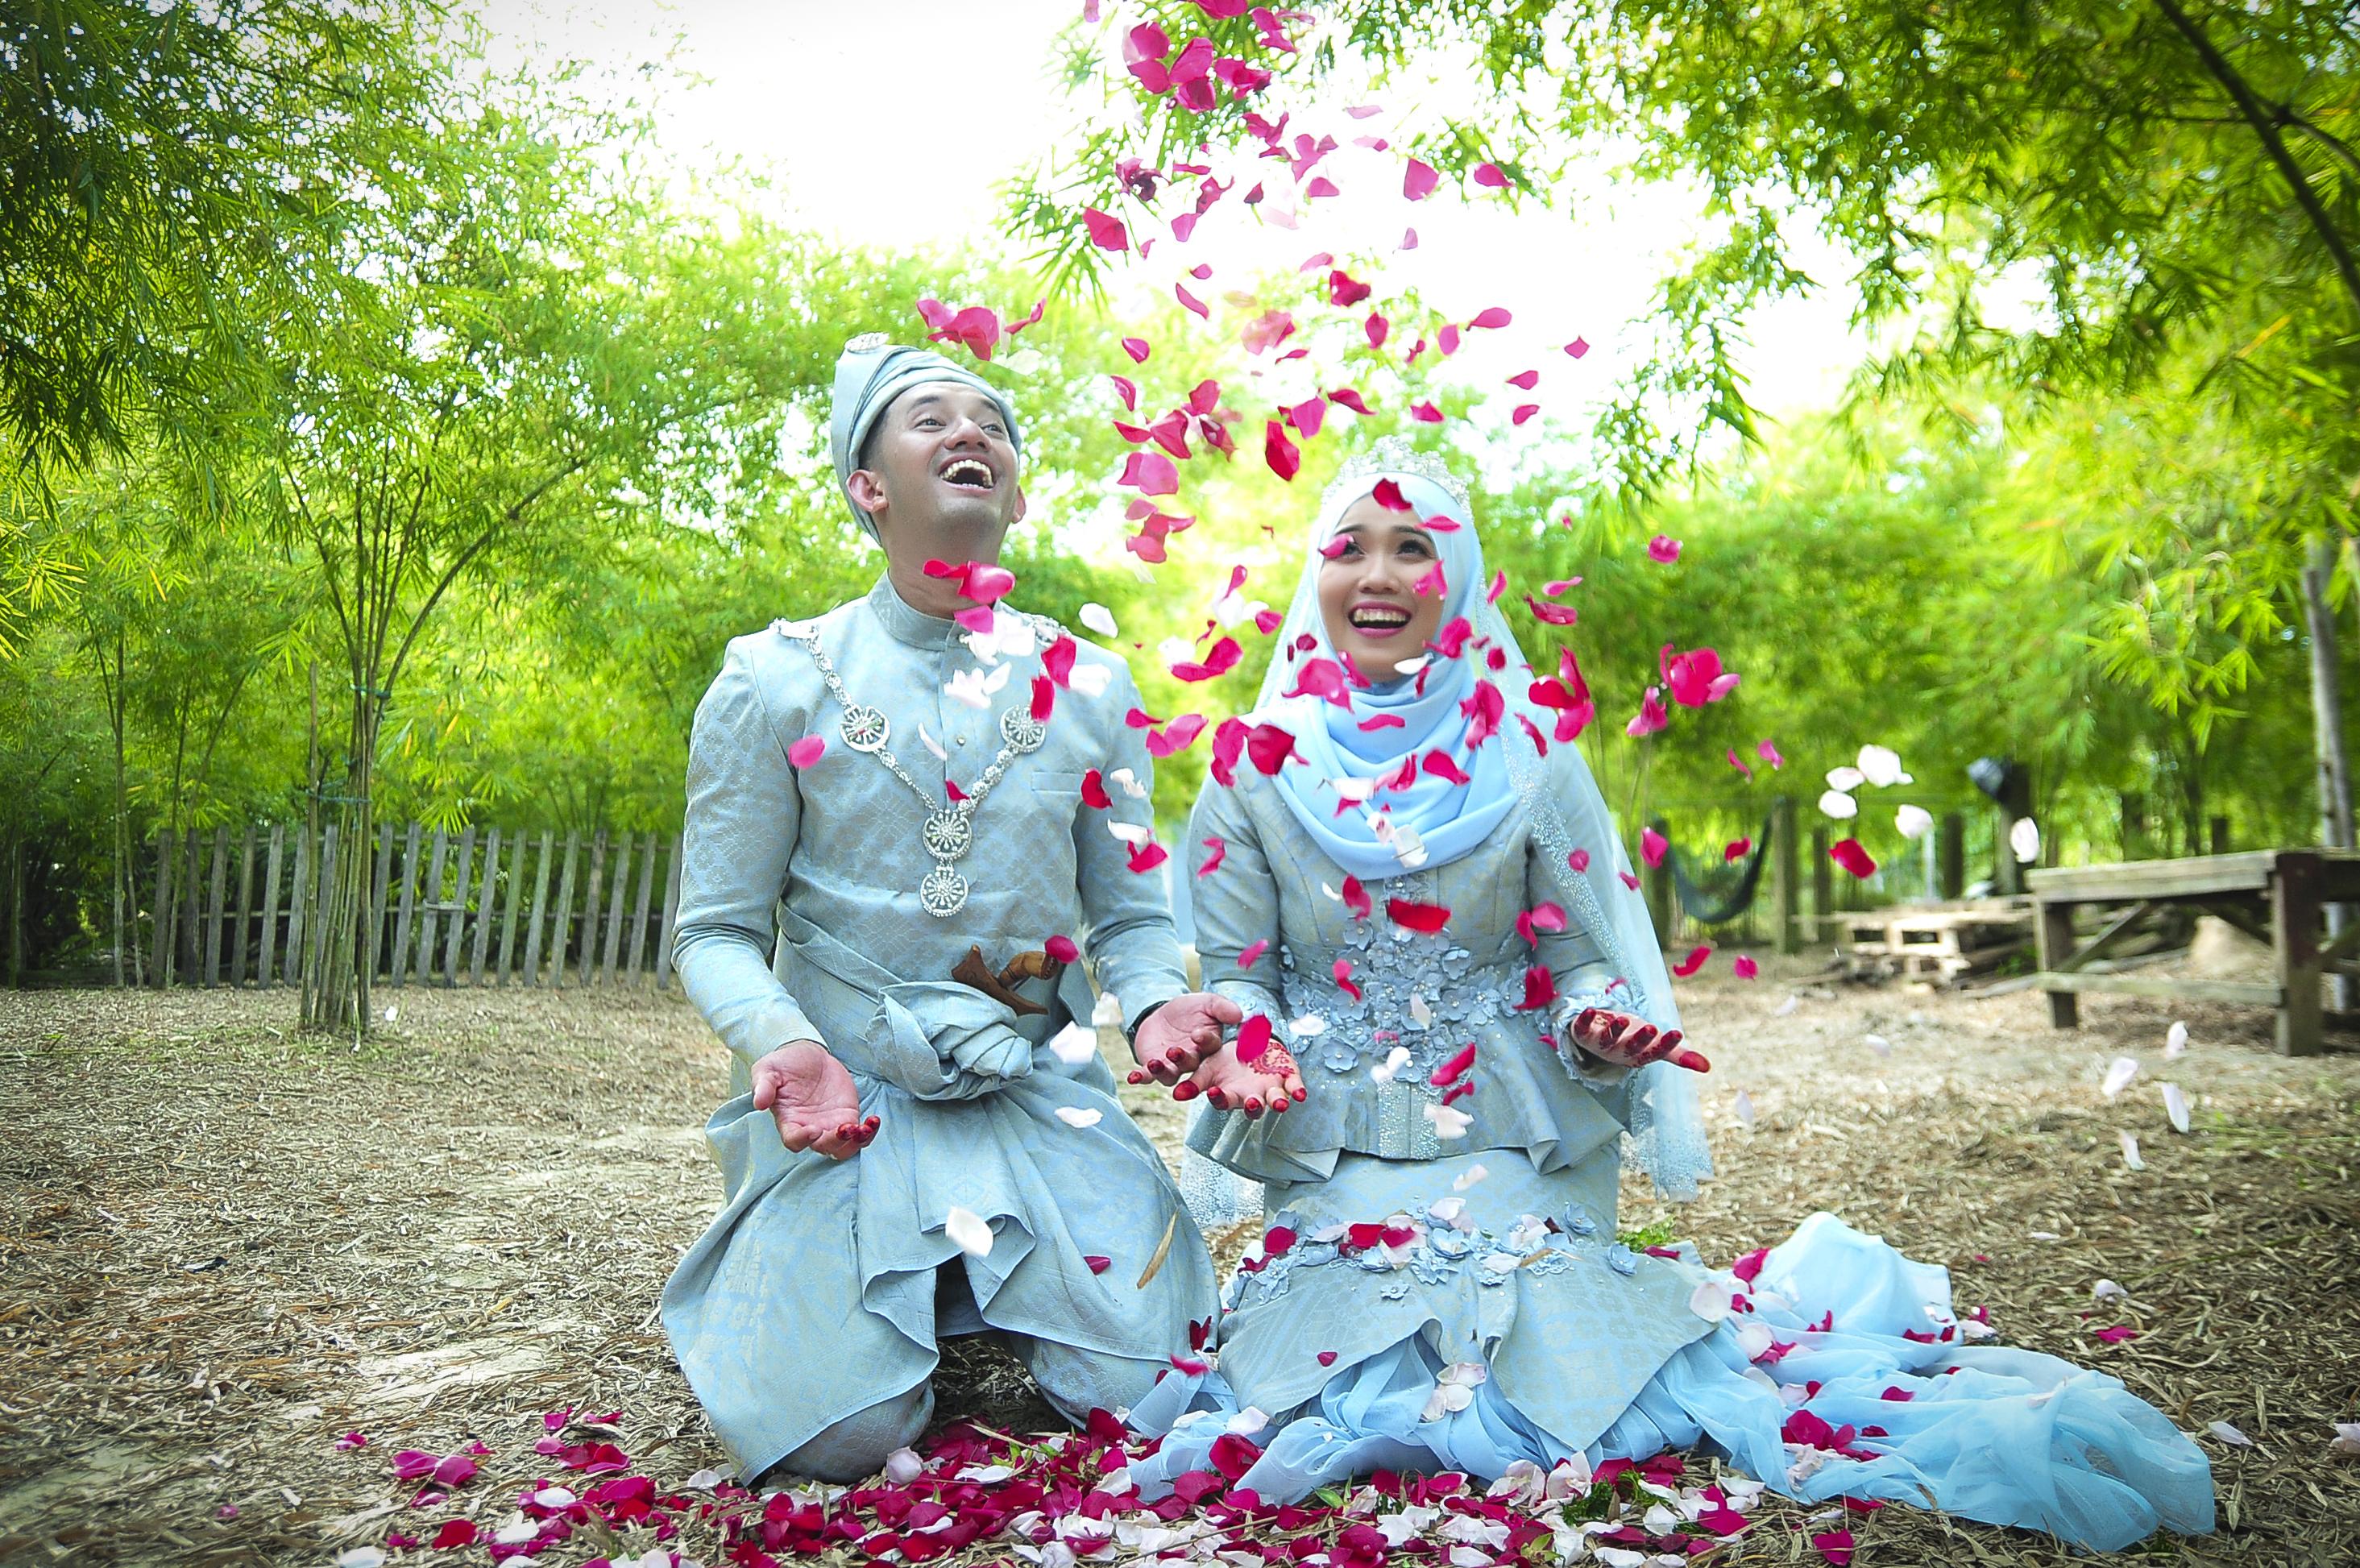 """Nak Pastikan Gambar Perkahwinan Cantik ini Antara Tips Memilih """"Wedding Photographer"""""""